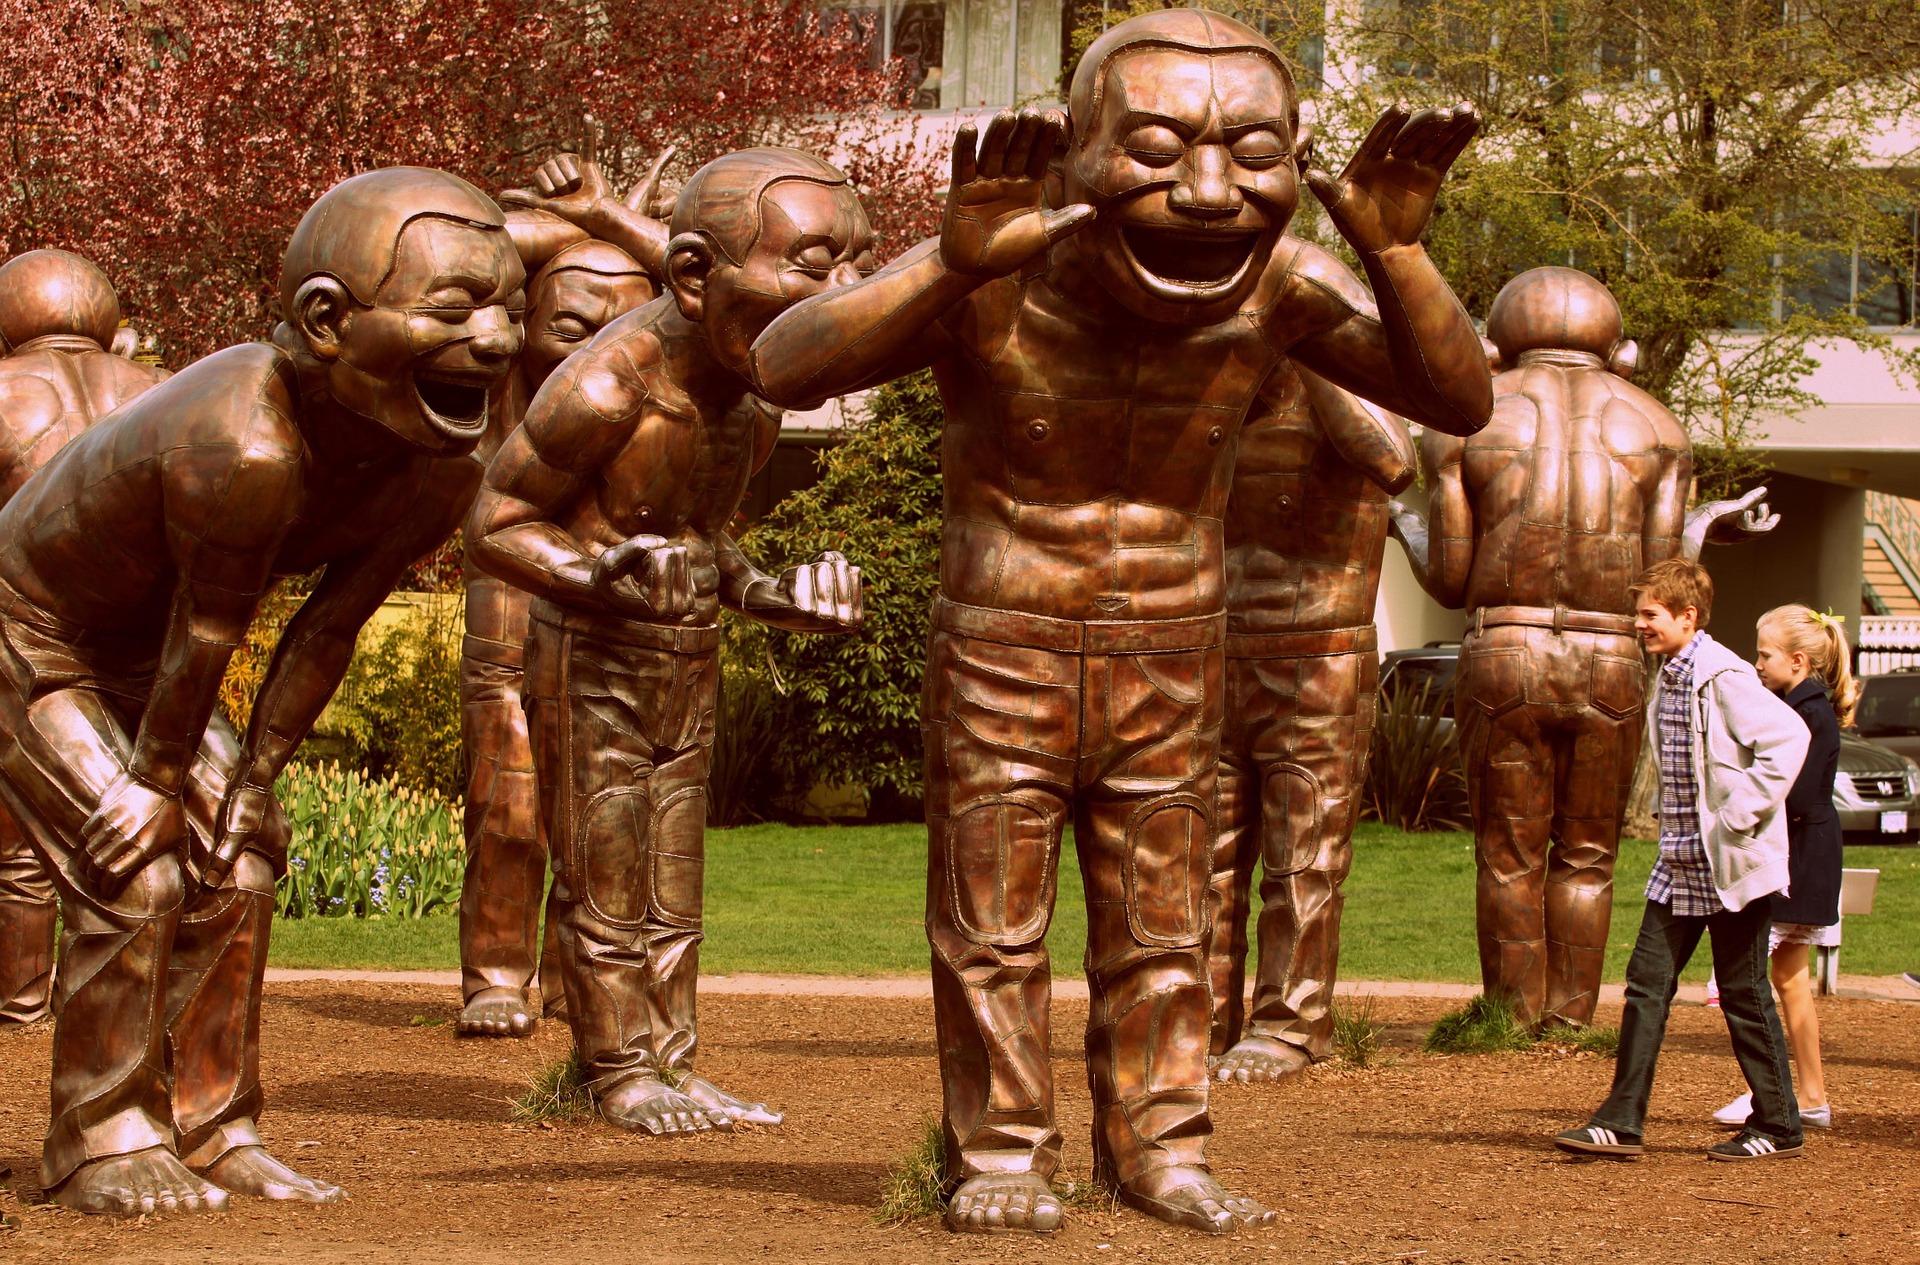 Pękające ze śmiechu figurki autorstwa chińskiego artysty Yue Minjuna zarażają śmiechem w parku Vancouver w Kanadzie. Foto. pixabay.com/domena publiczna